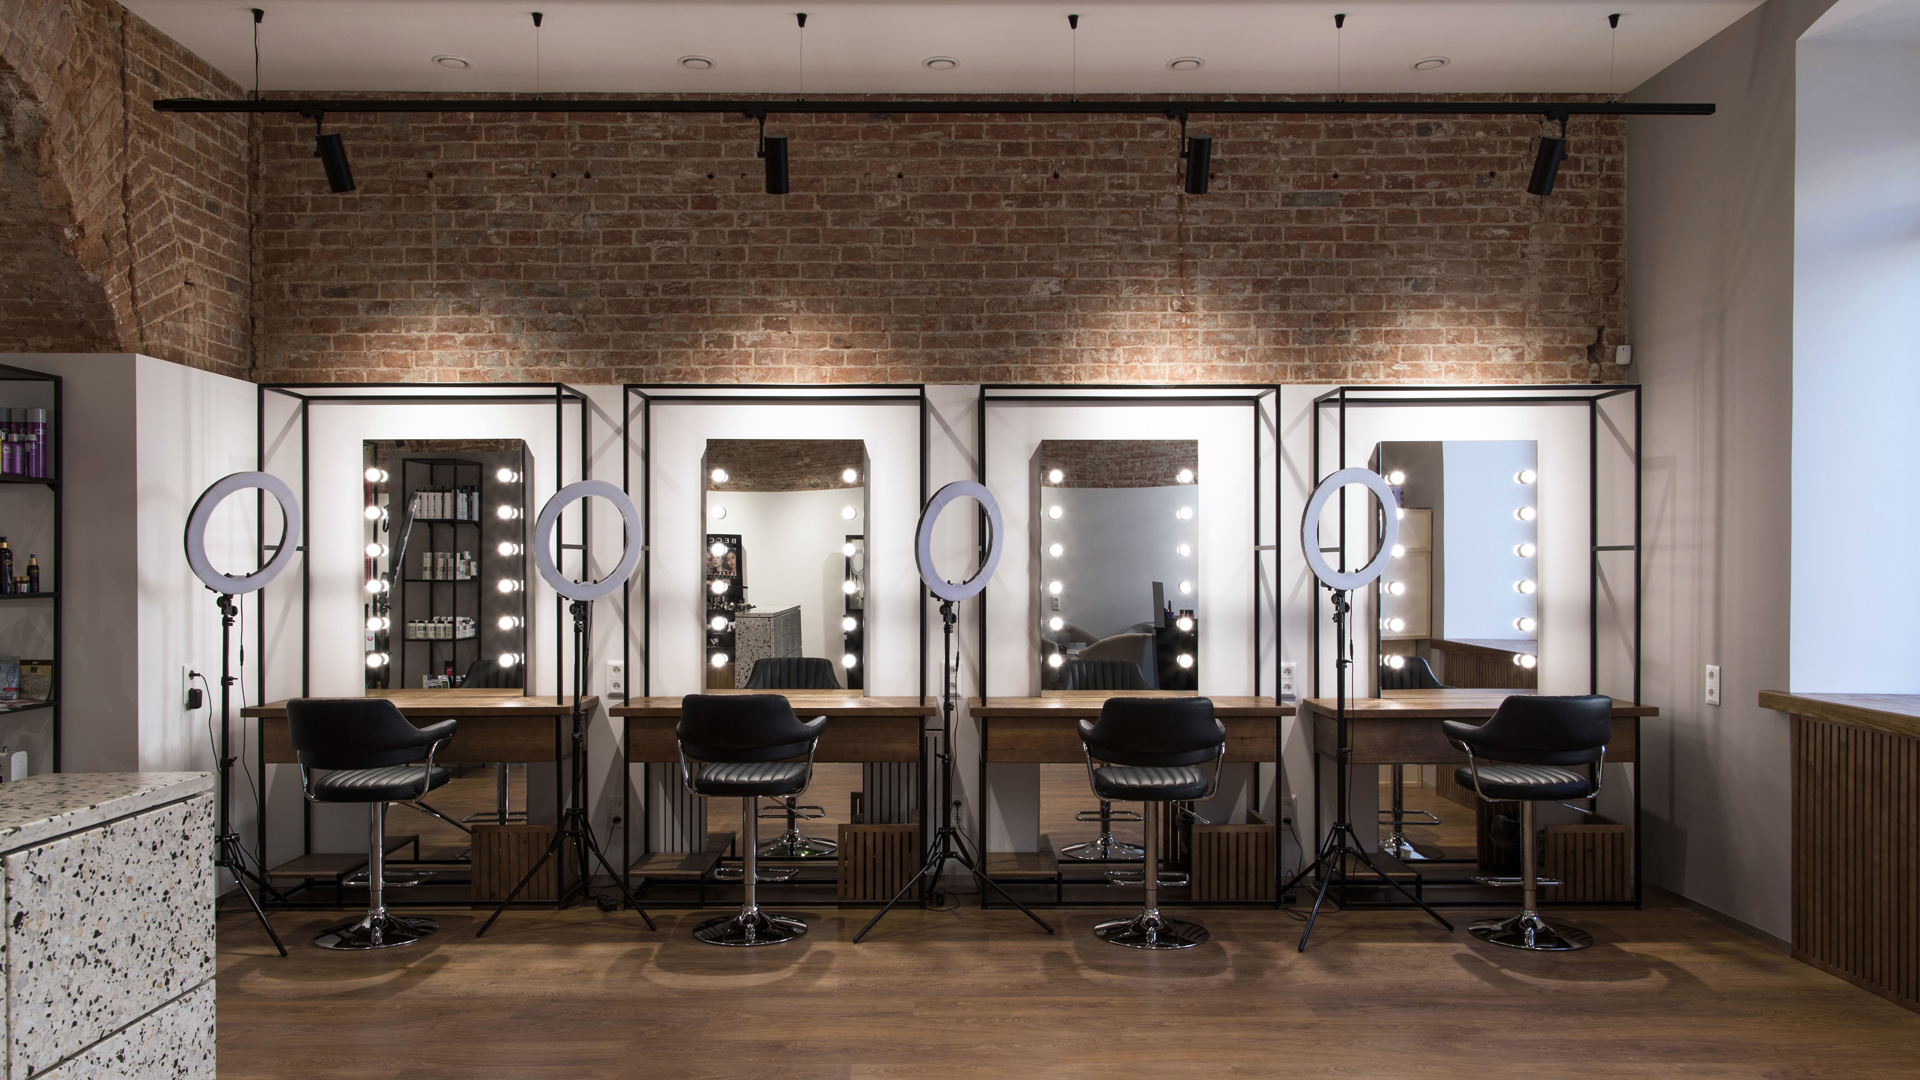 Interior Of Beauty Salon Chado Architectural Studio Archello